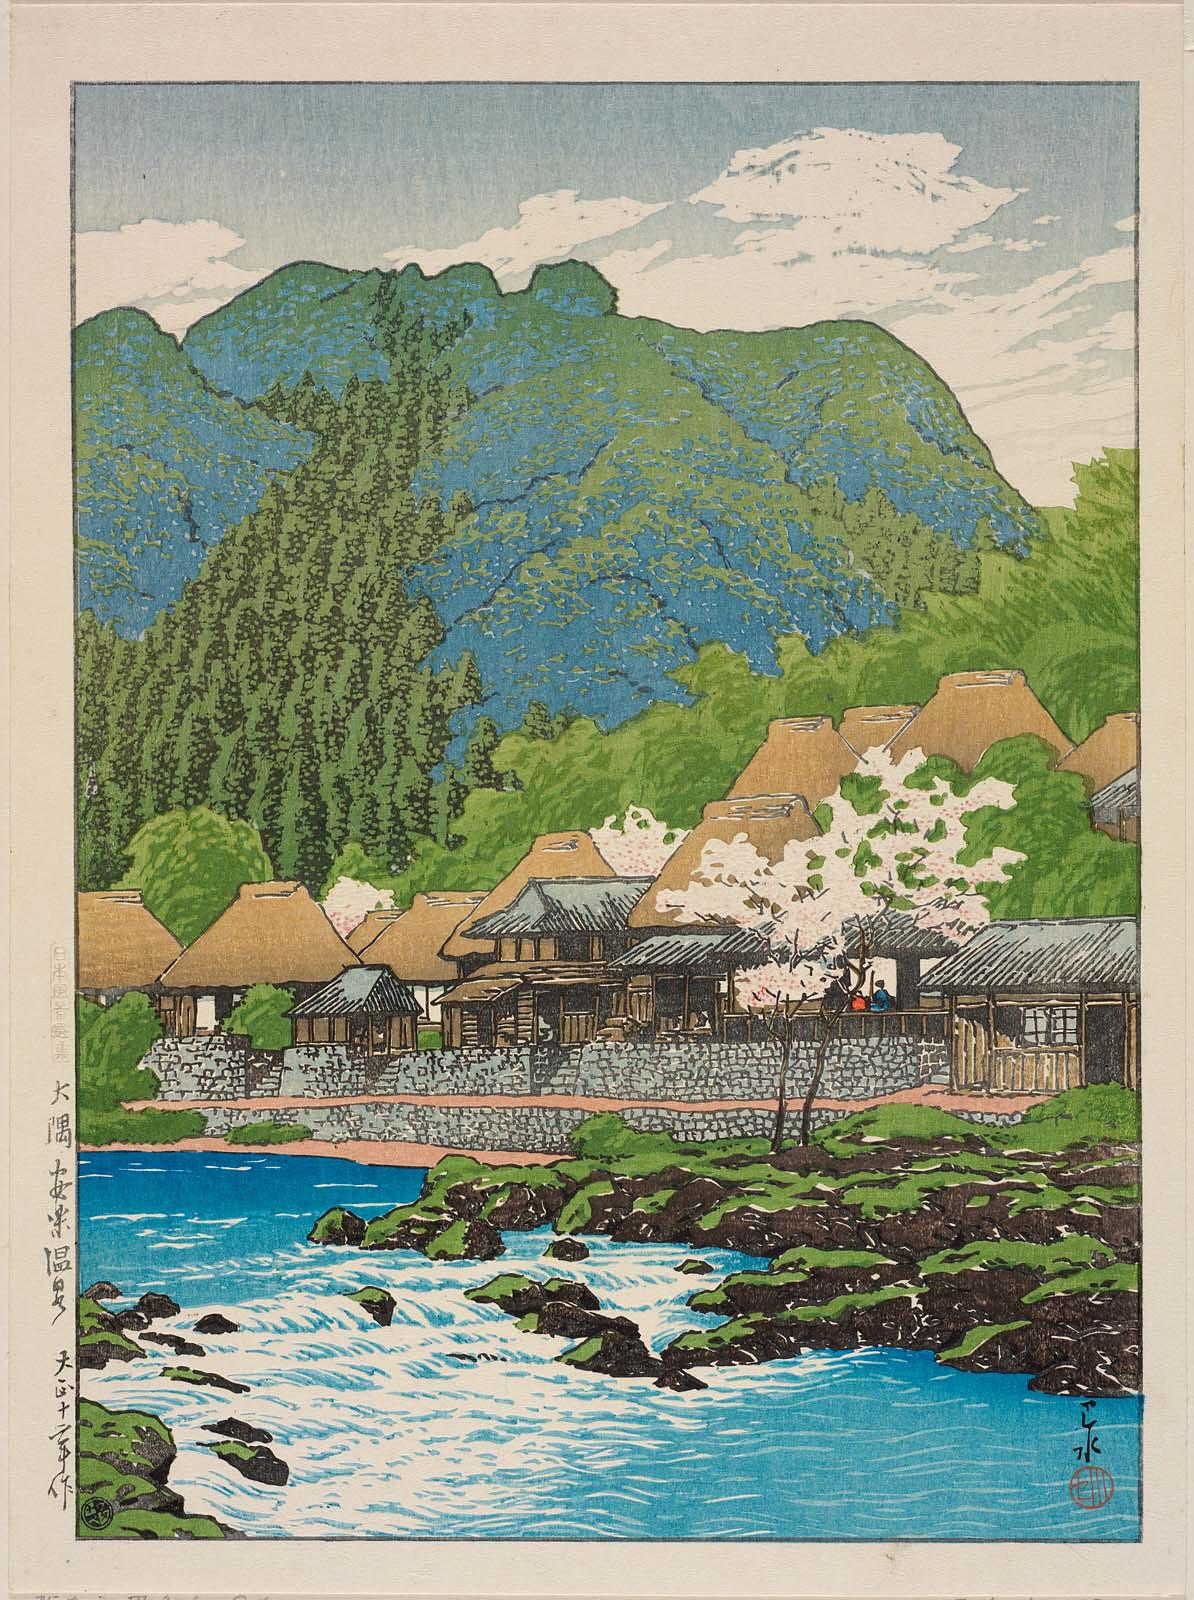 Bis heute ist ein Urlaub in einem der heute knapp 28000 heißen Badequellen in über 6000 Onsen-Dörfer, die beliebteste Form des japanischen Inlandstourismus, der oft in Form eines Kurztrips stattfindet. Foto: Hasui Kawase.